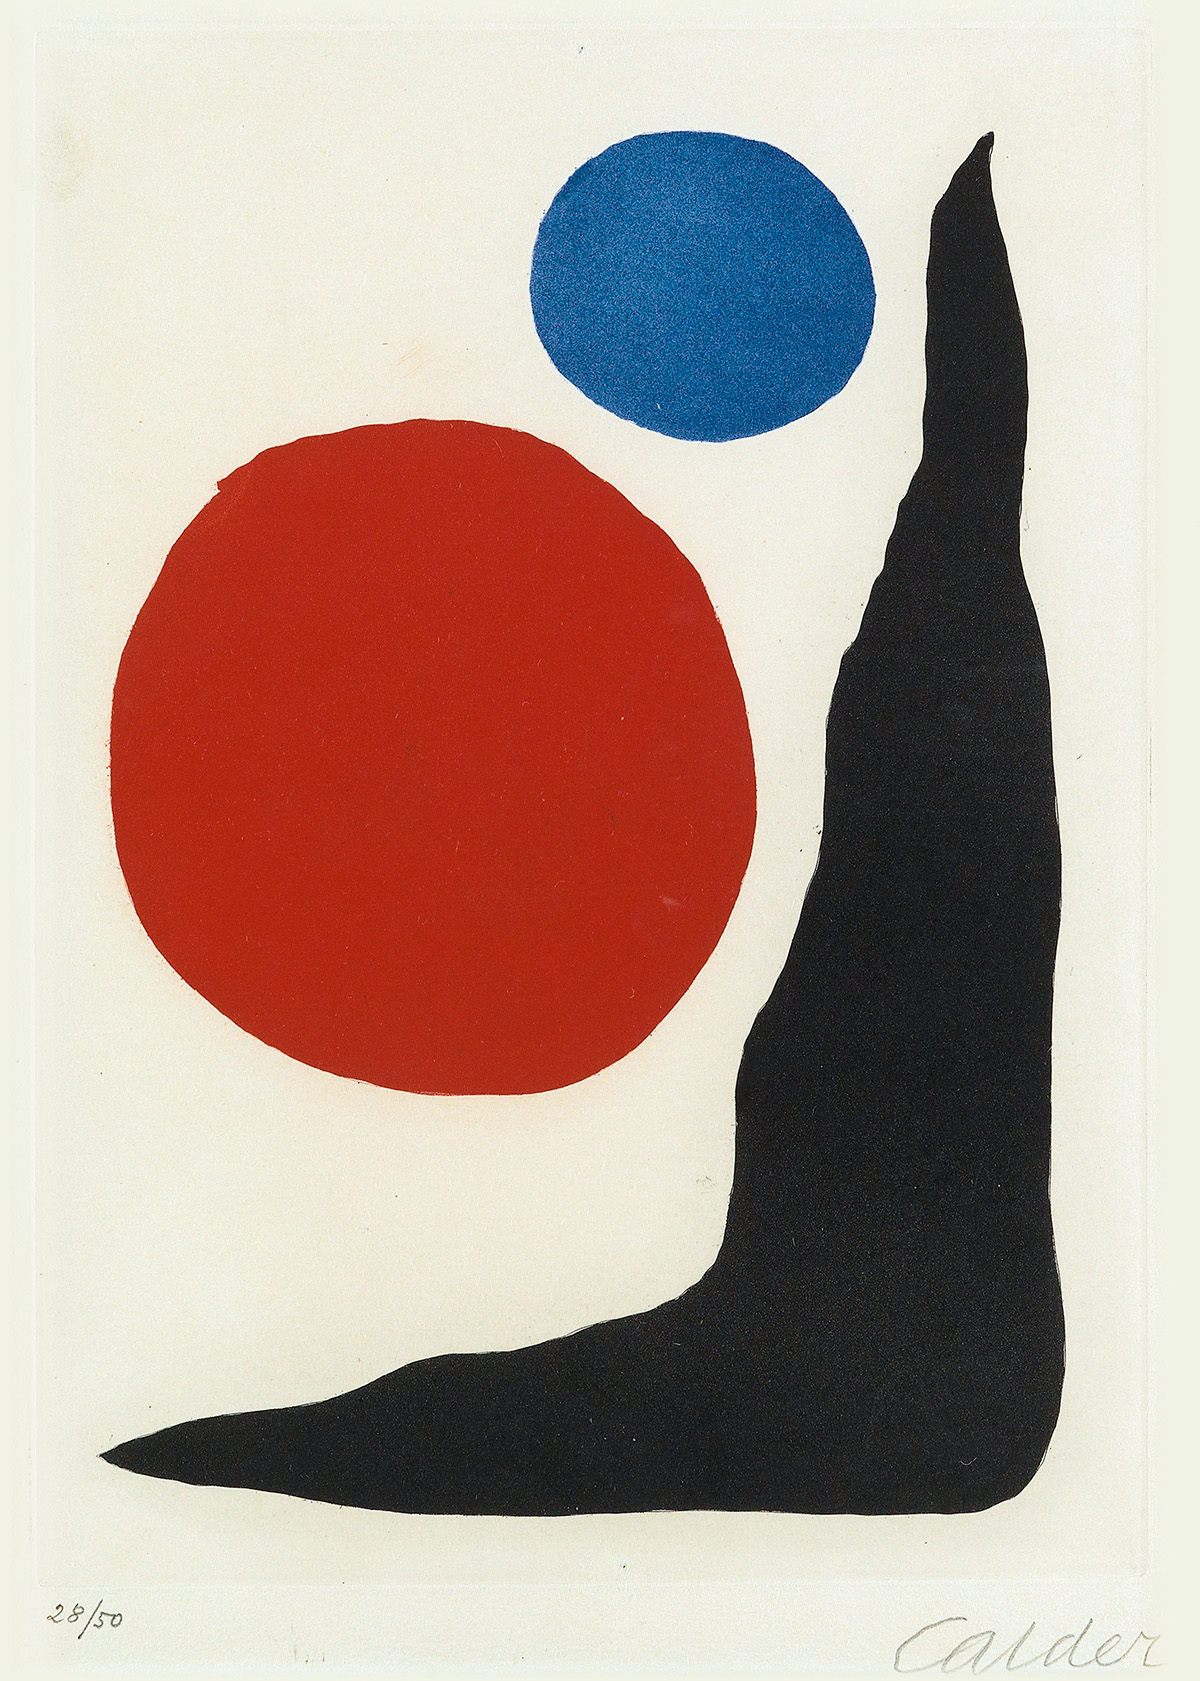 ALEXANDER CALDER Red and Blue Circles and Black Boomerang.